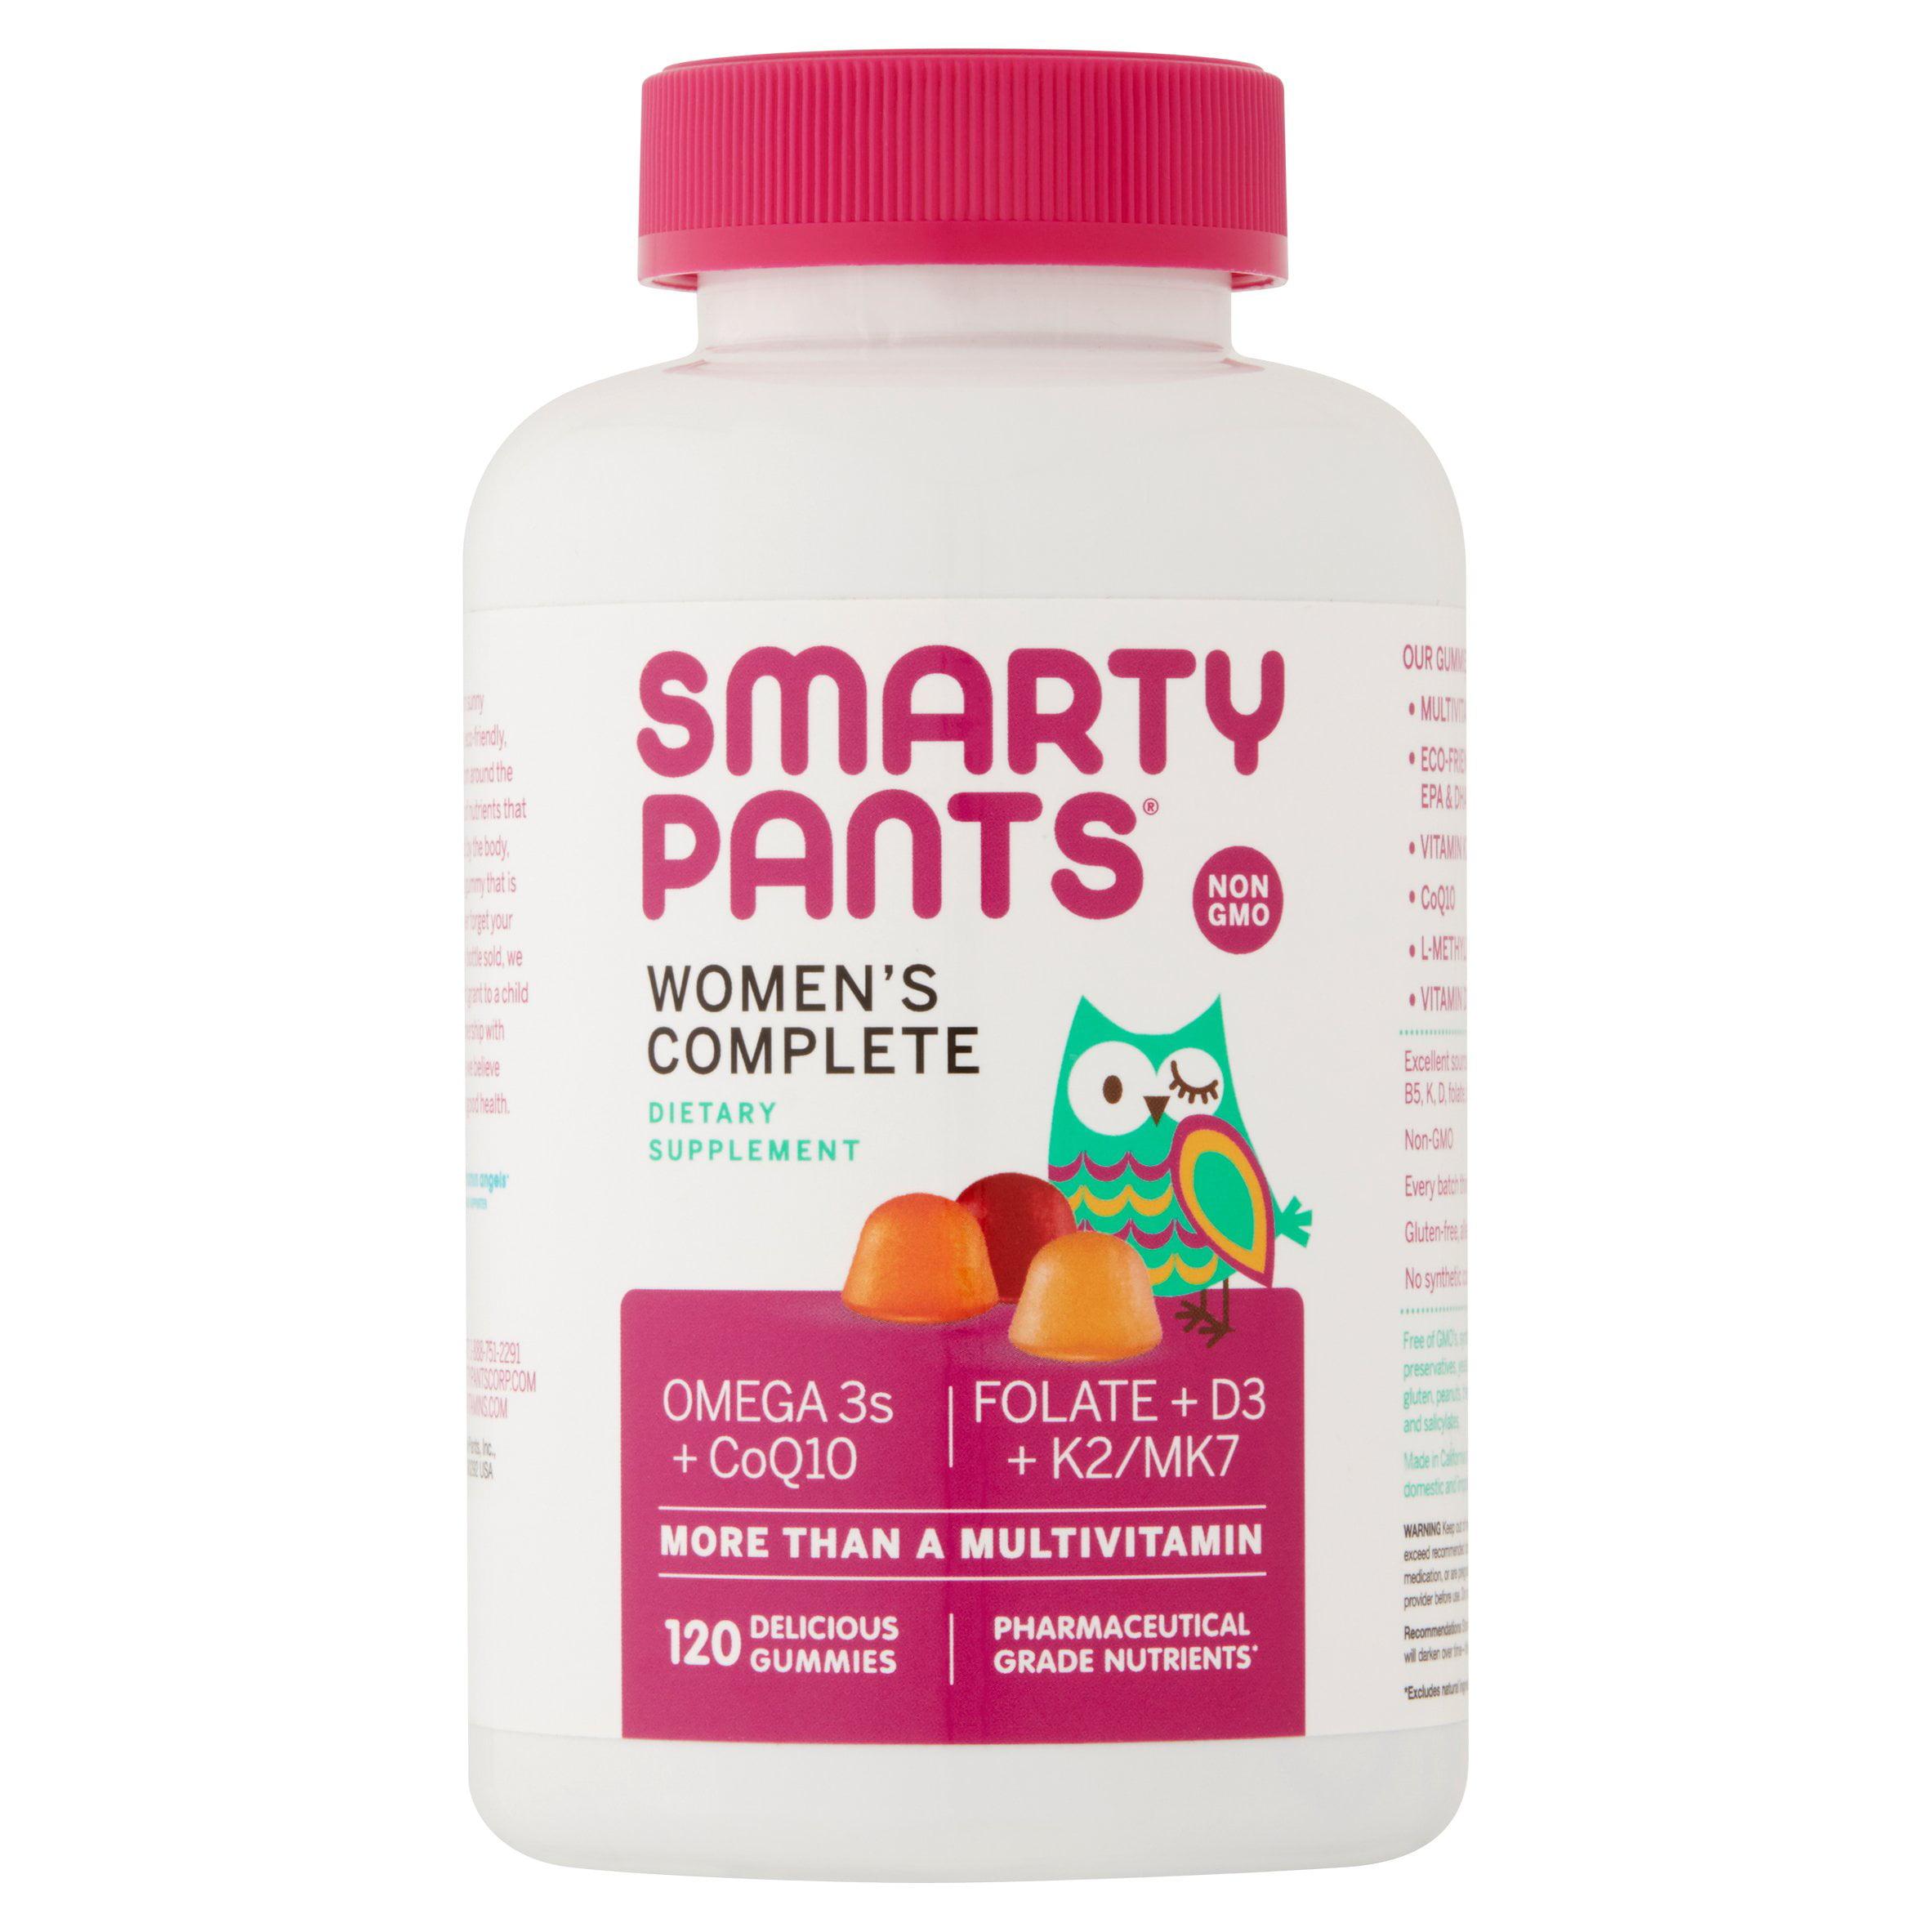 SmartyPants Women's Complete Dietary Supplement Gummies, 120 count